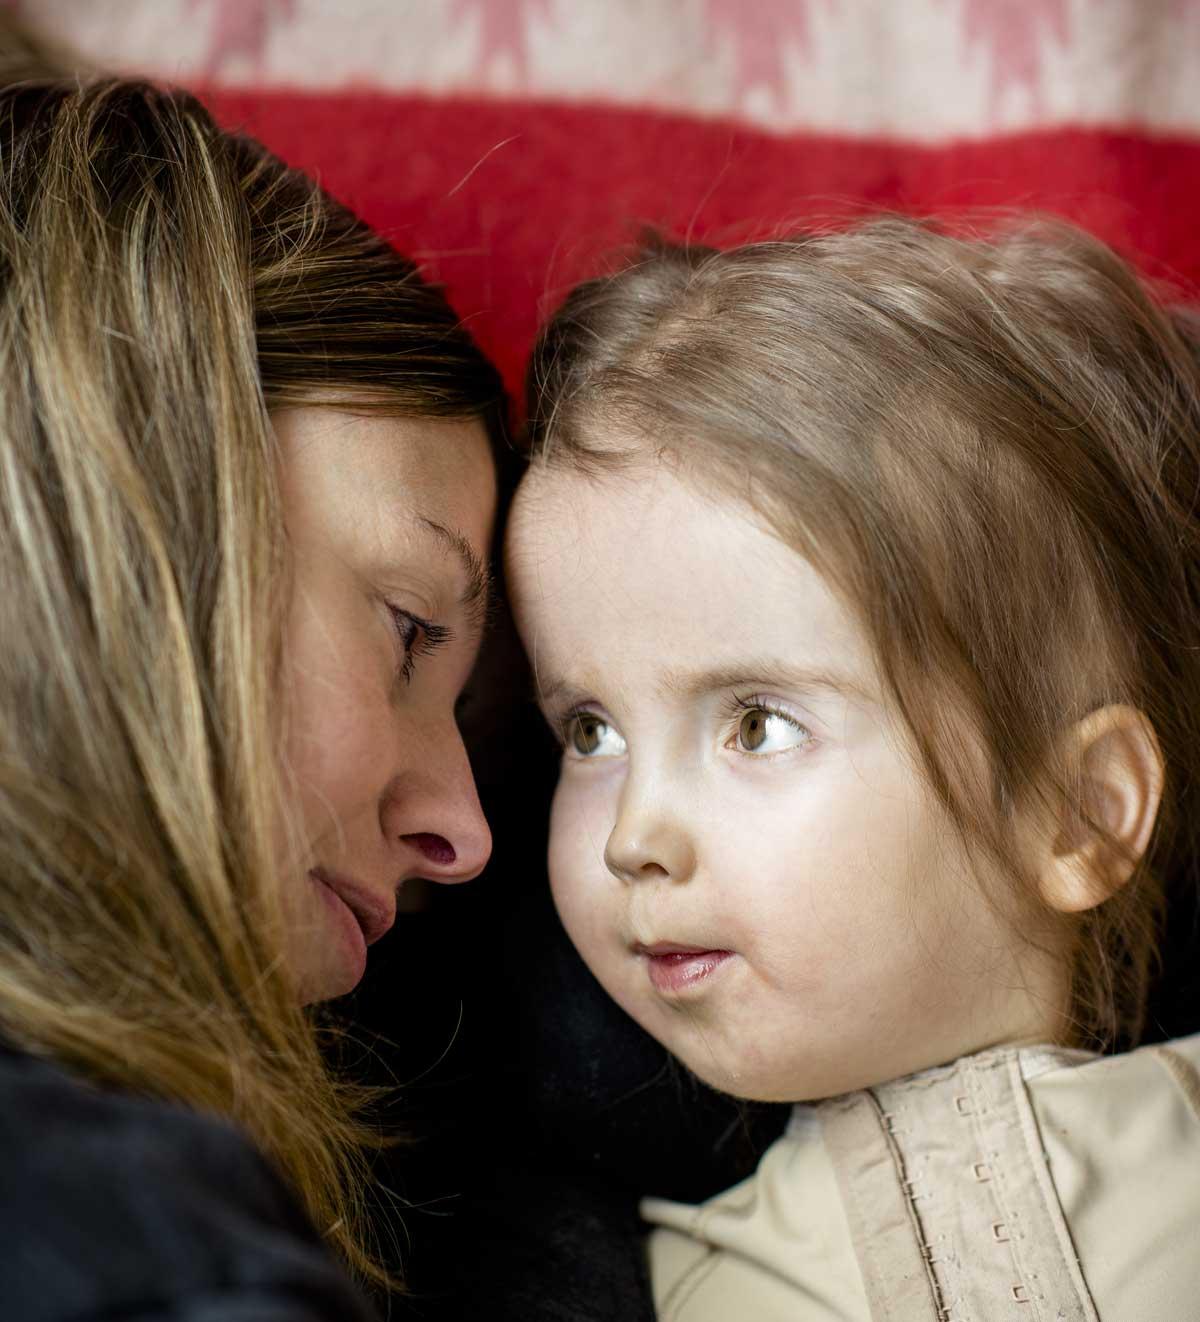 Hur kan man jämföra föräldraansvaret med friska barn? Eija kan ju inte lämnas ensam över huvud taget